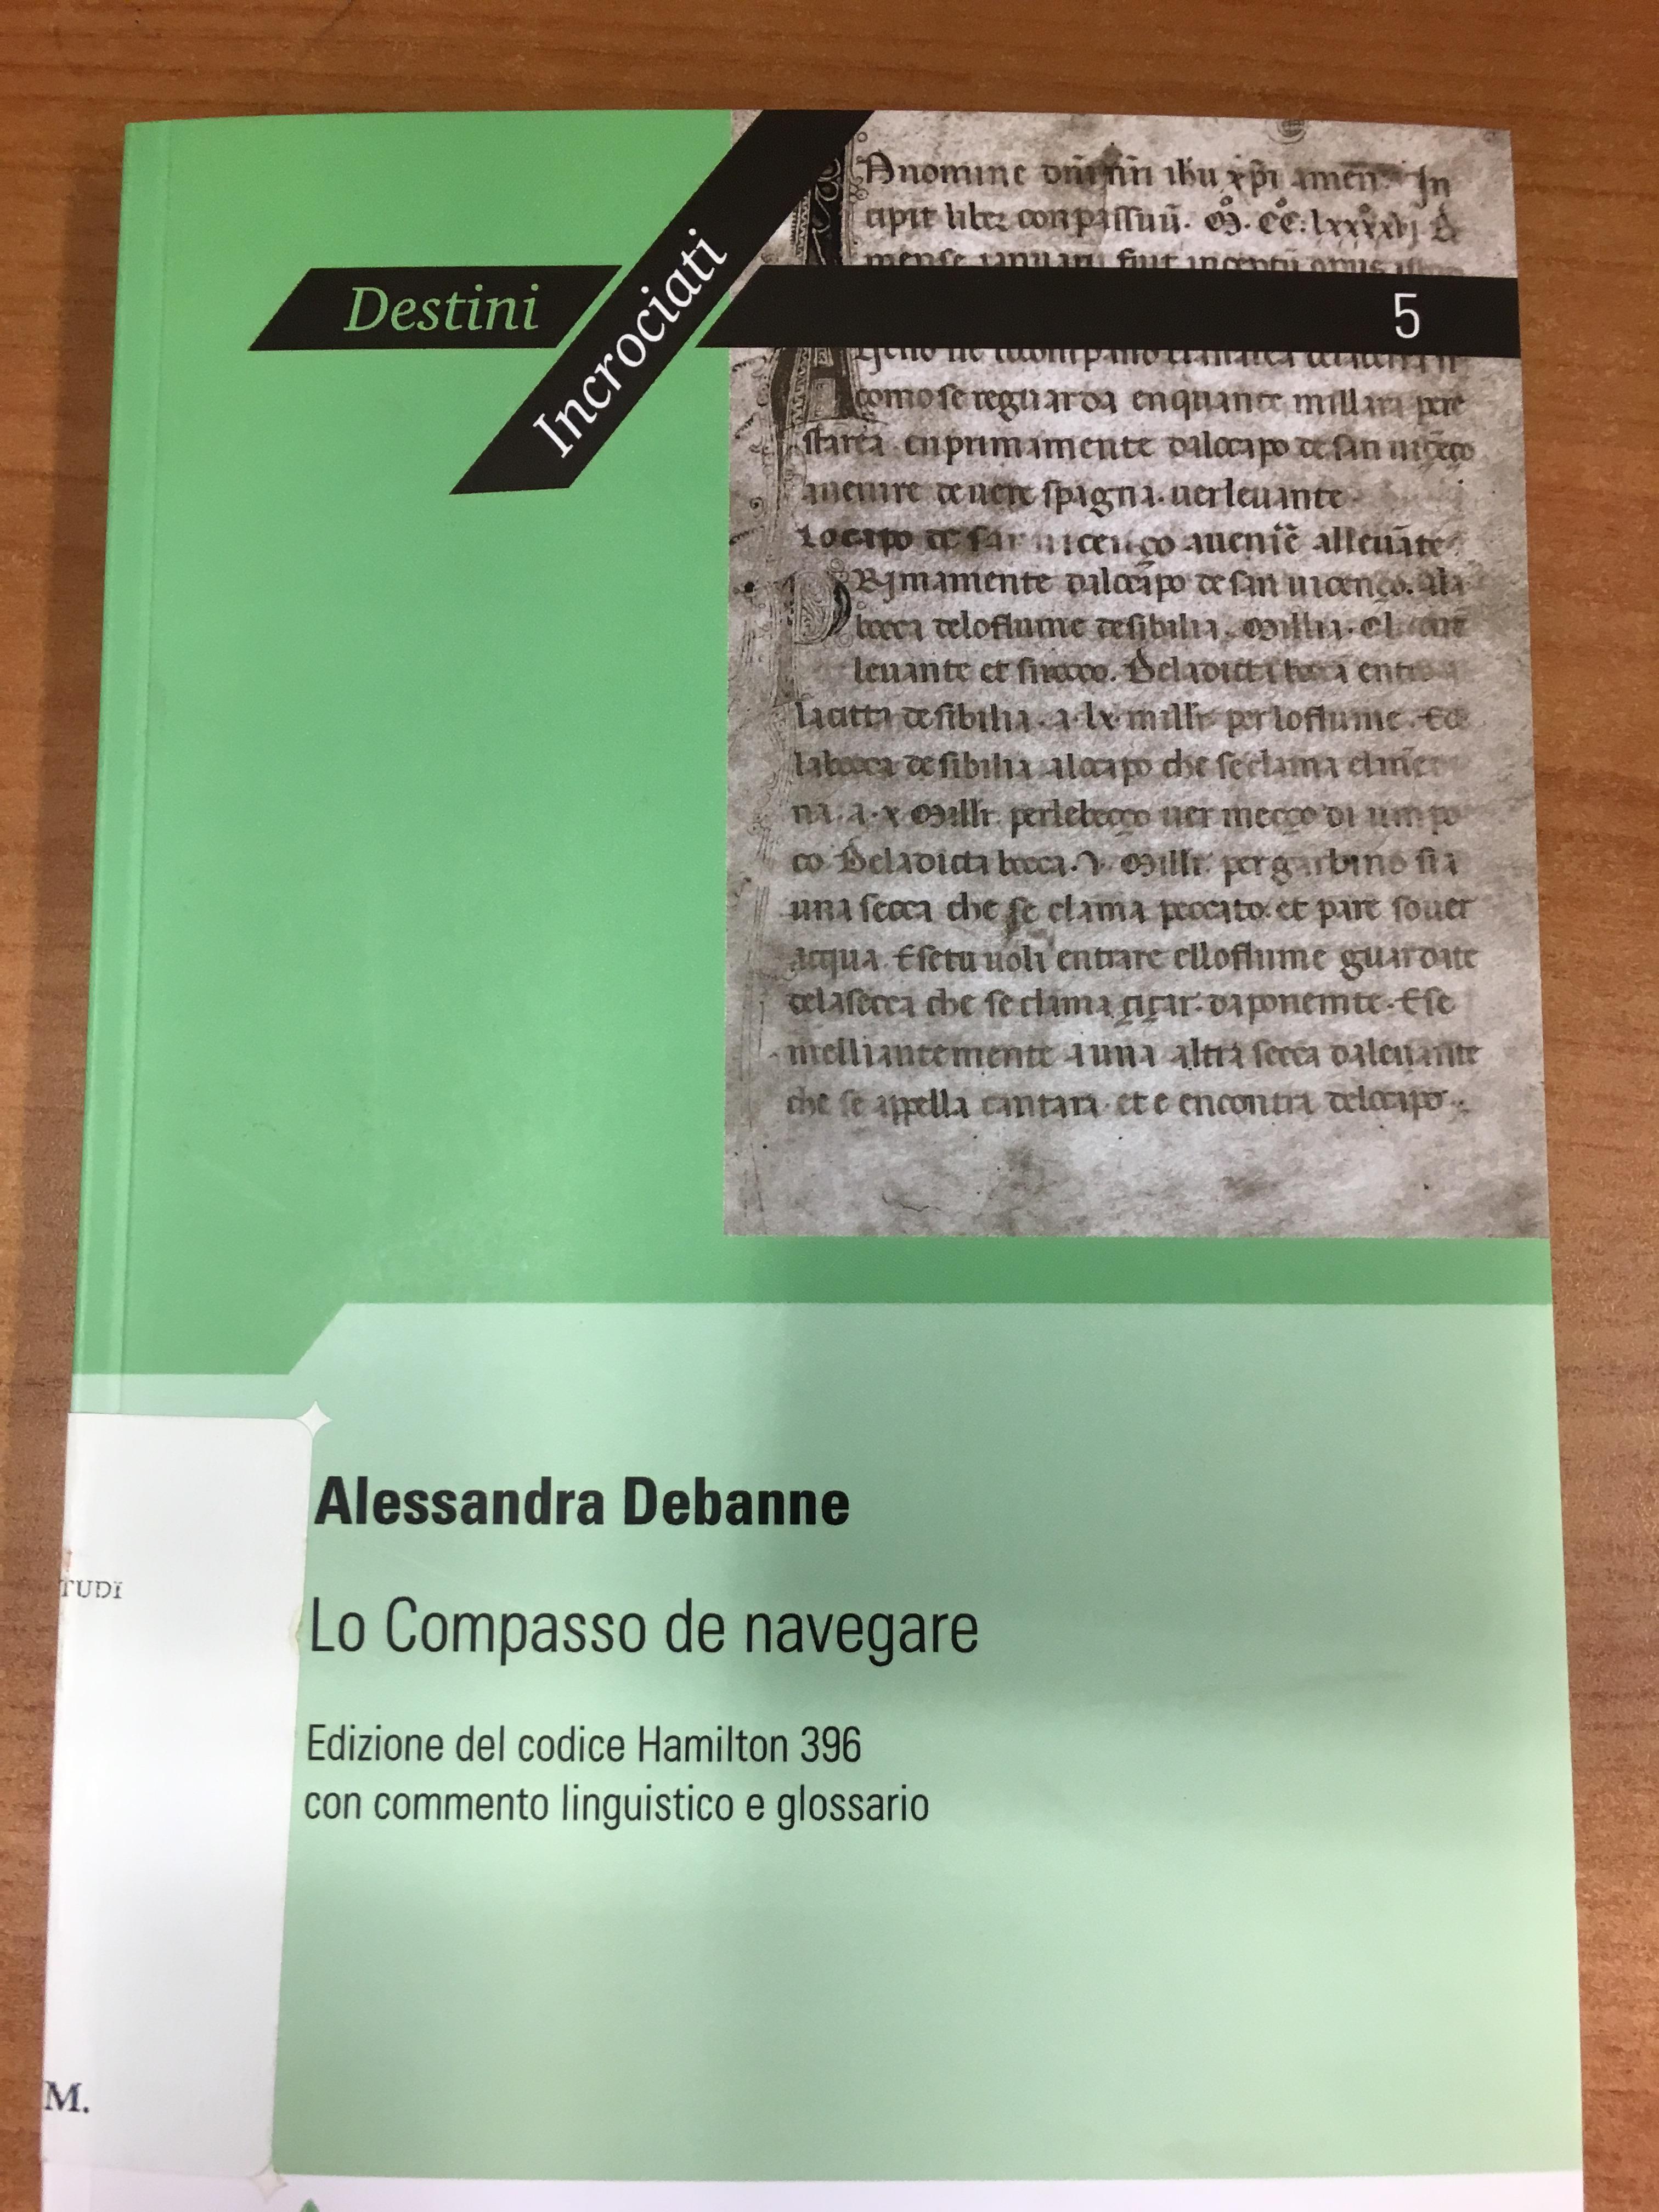 Lo Compasso De Navegare Edizione Del Codice Hamilton 396 Con Commento Linguistico E Glossario